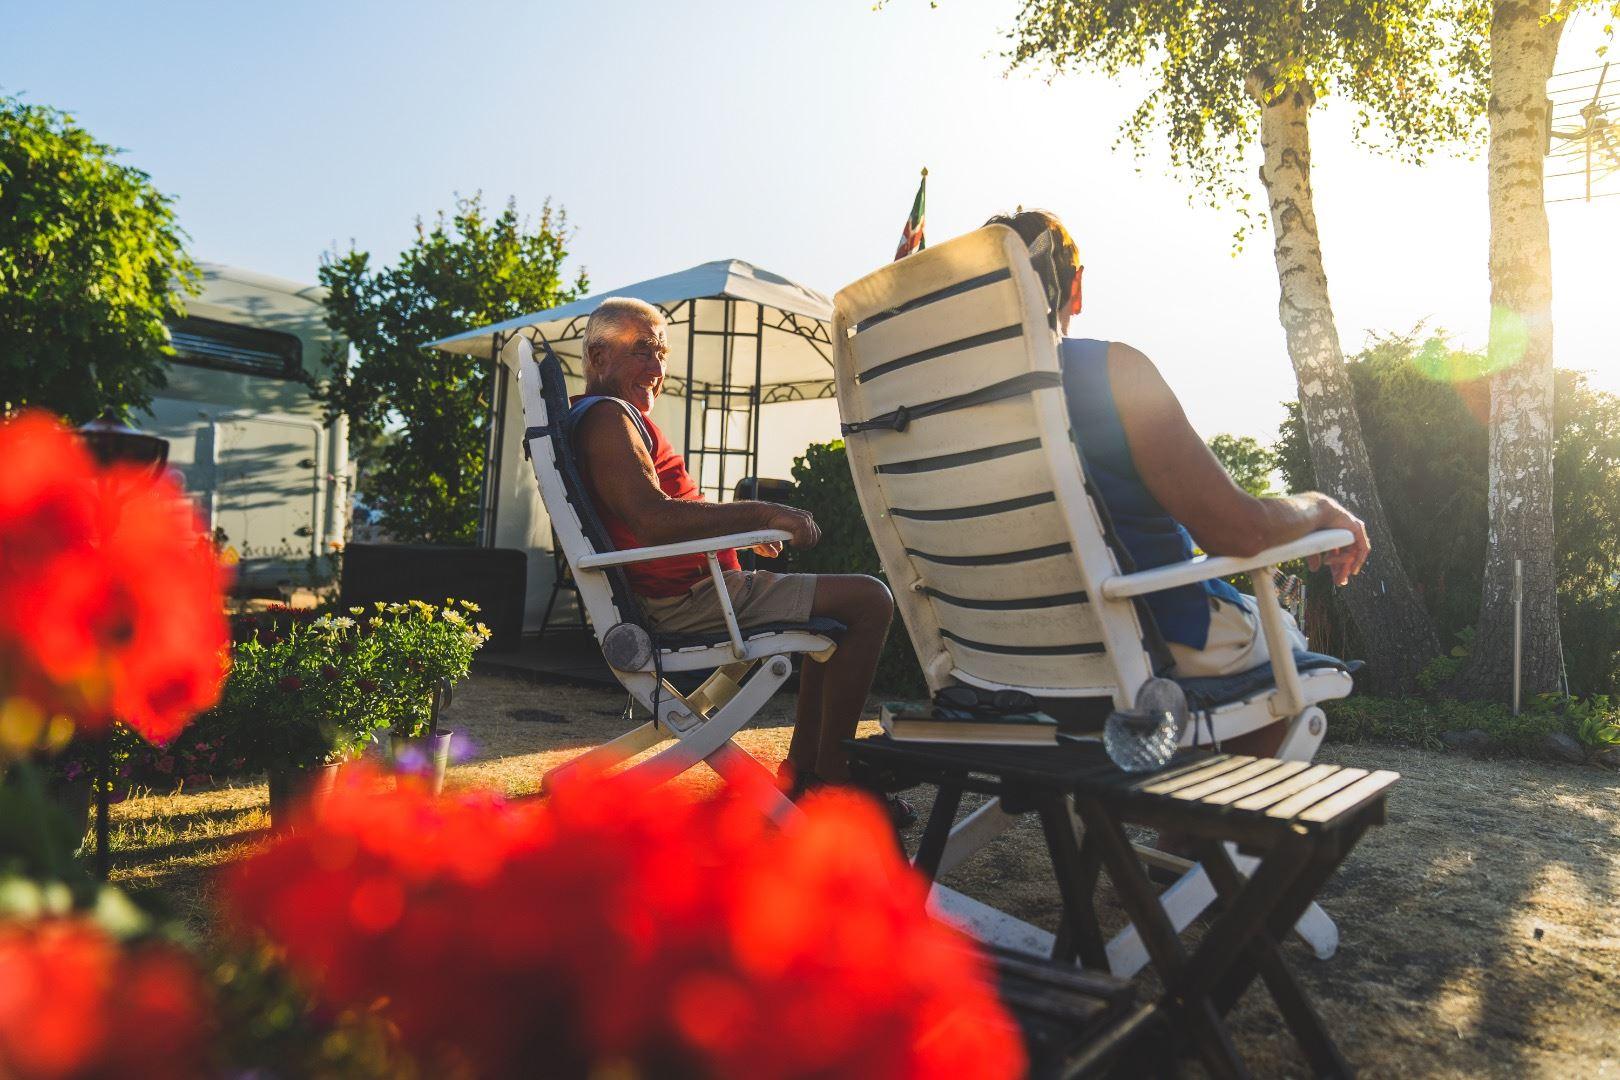 Haga Park Camping & Ferienhäuser